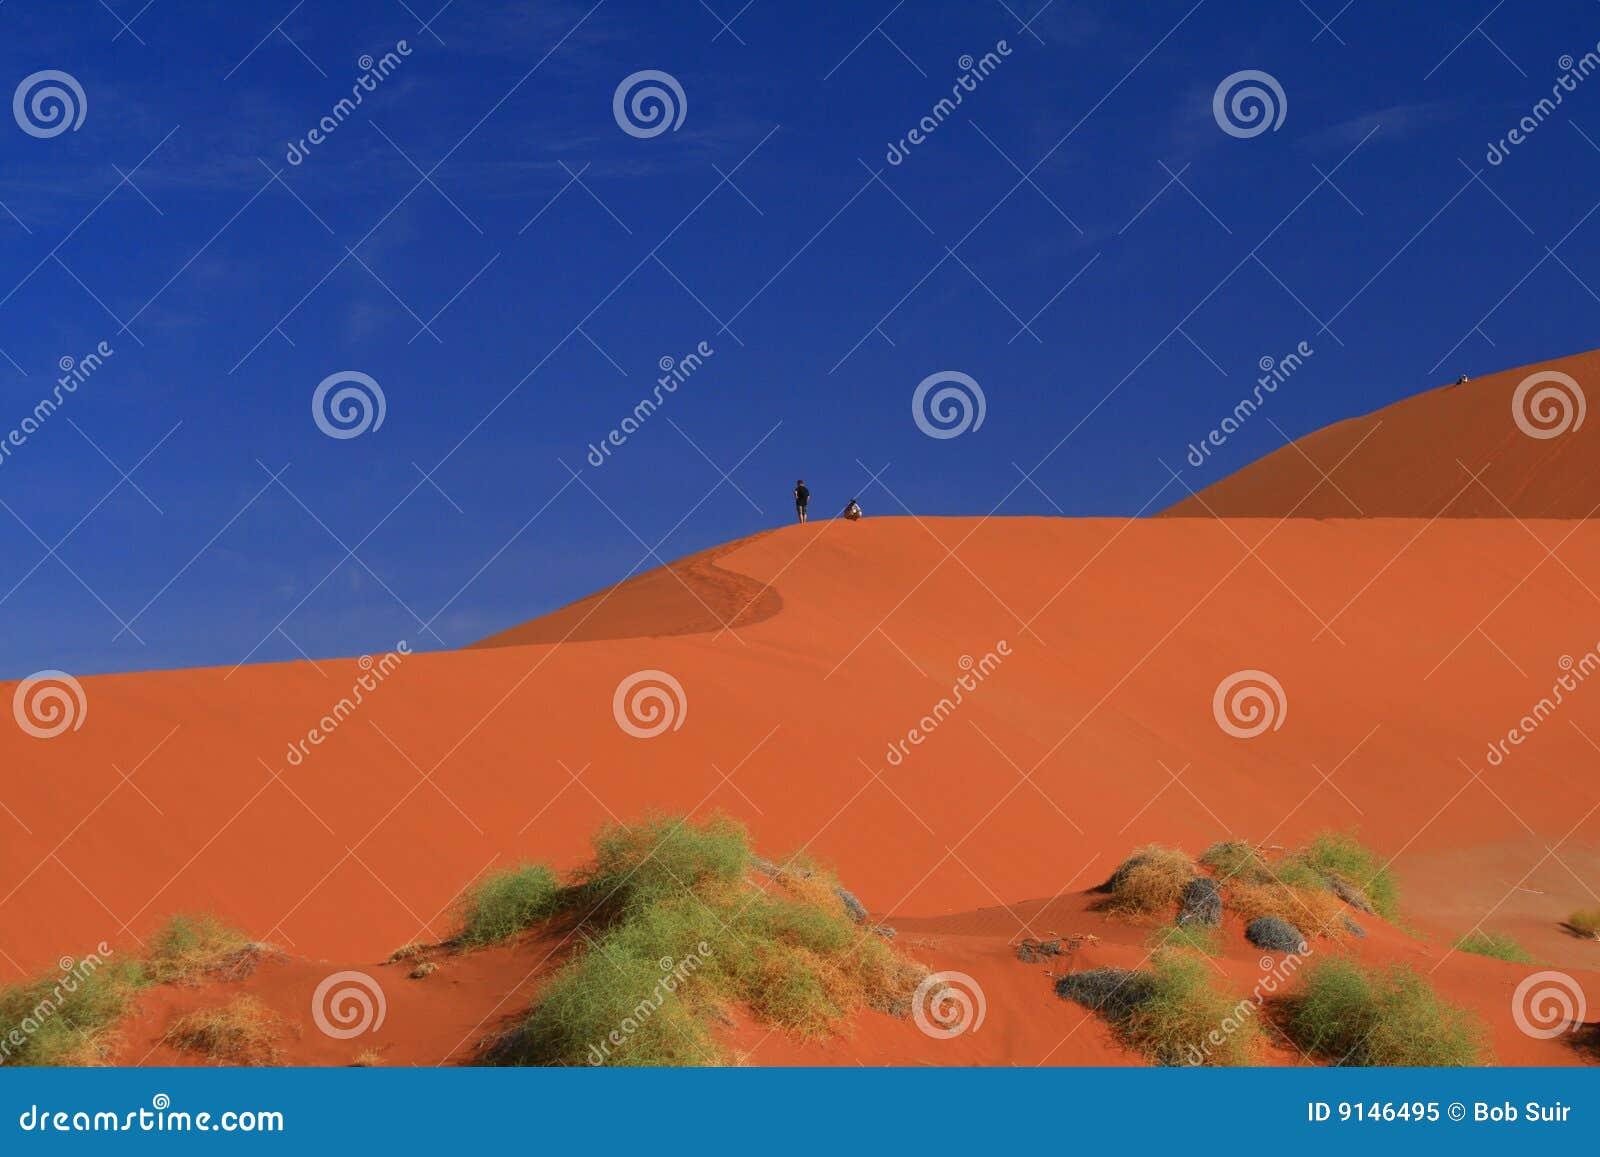 Namibian red desert dune